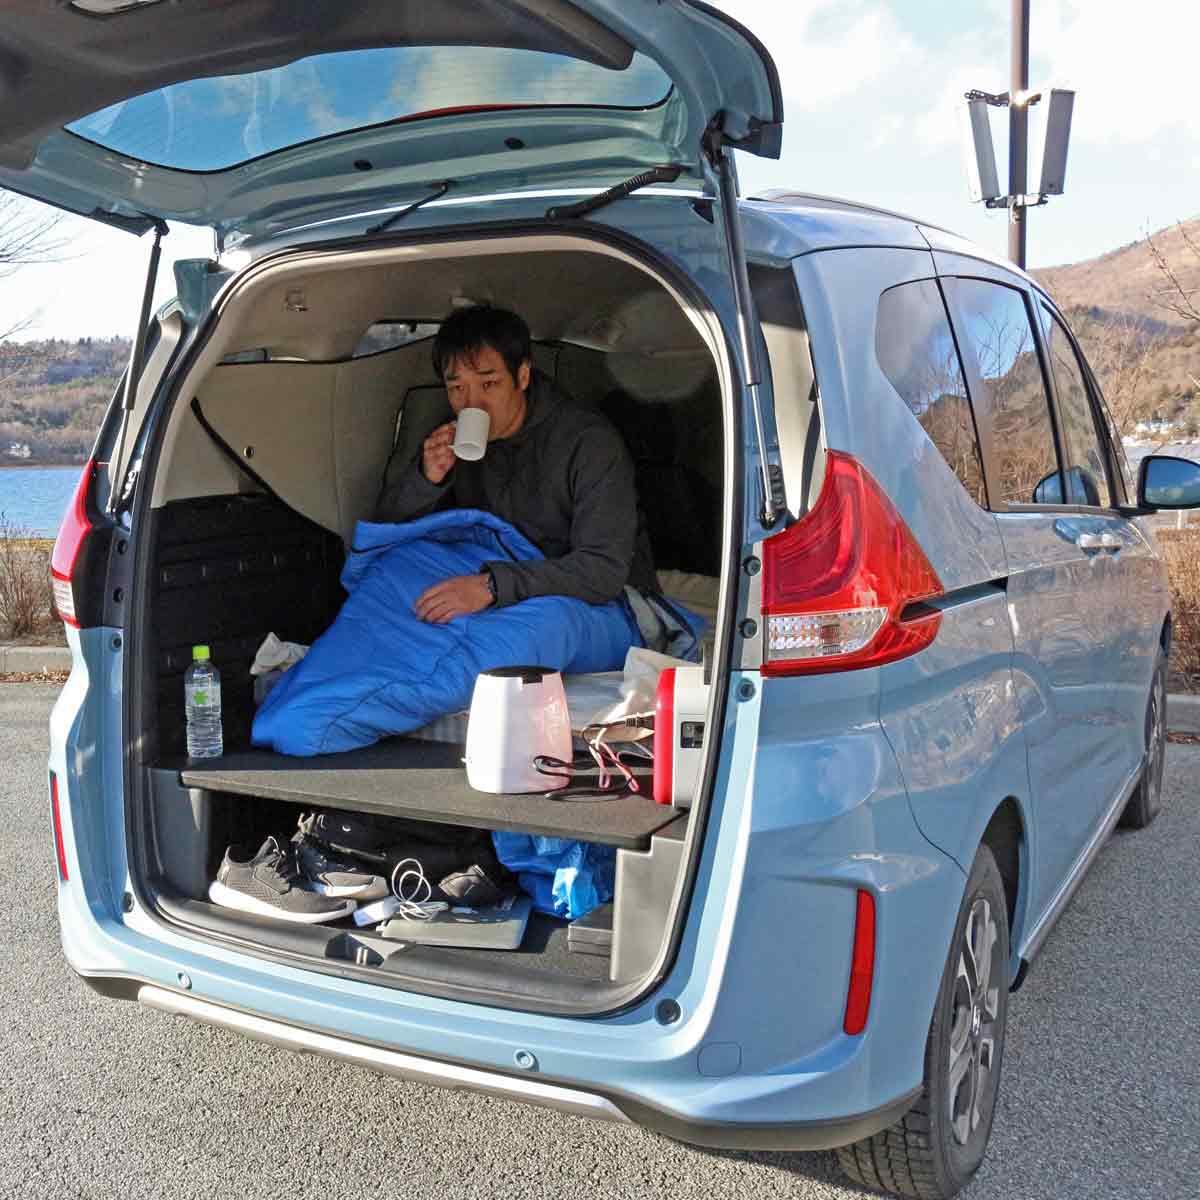 【準備編】ドラマ「絶メシロード」と同じようにホンダ「フリード+」で車中泊する旅に挑戦!